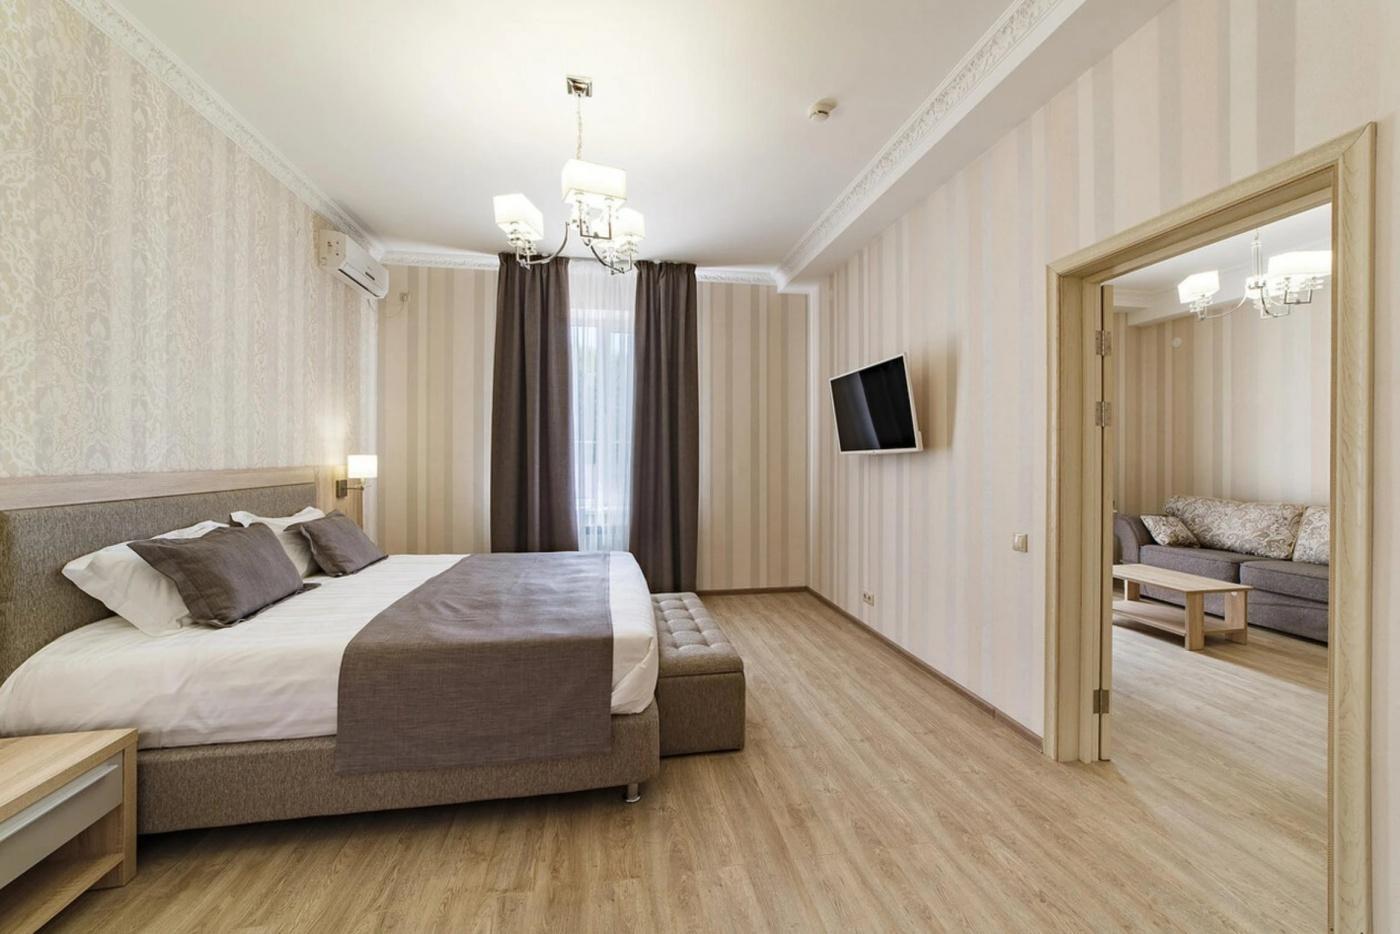 Отель «Alean Family Hotel Usadba 4*» Краснодарский край Люкс 2-комнатный , фото 1